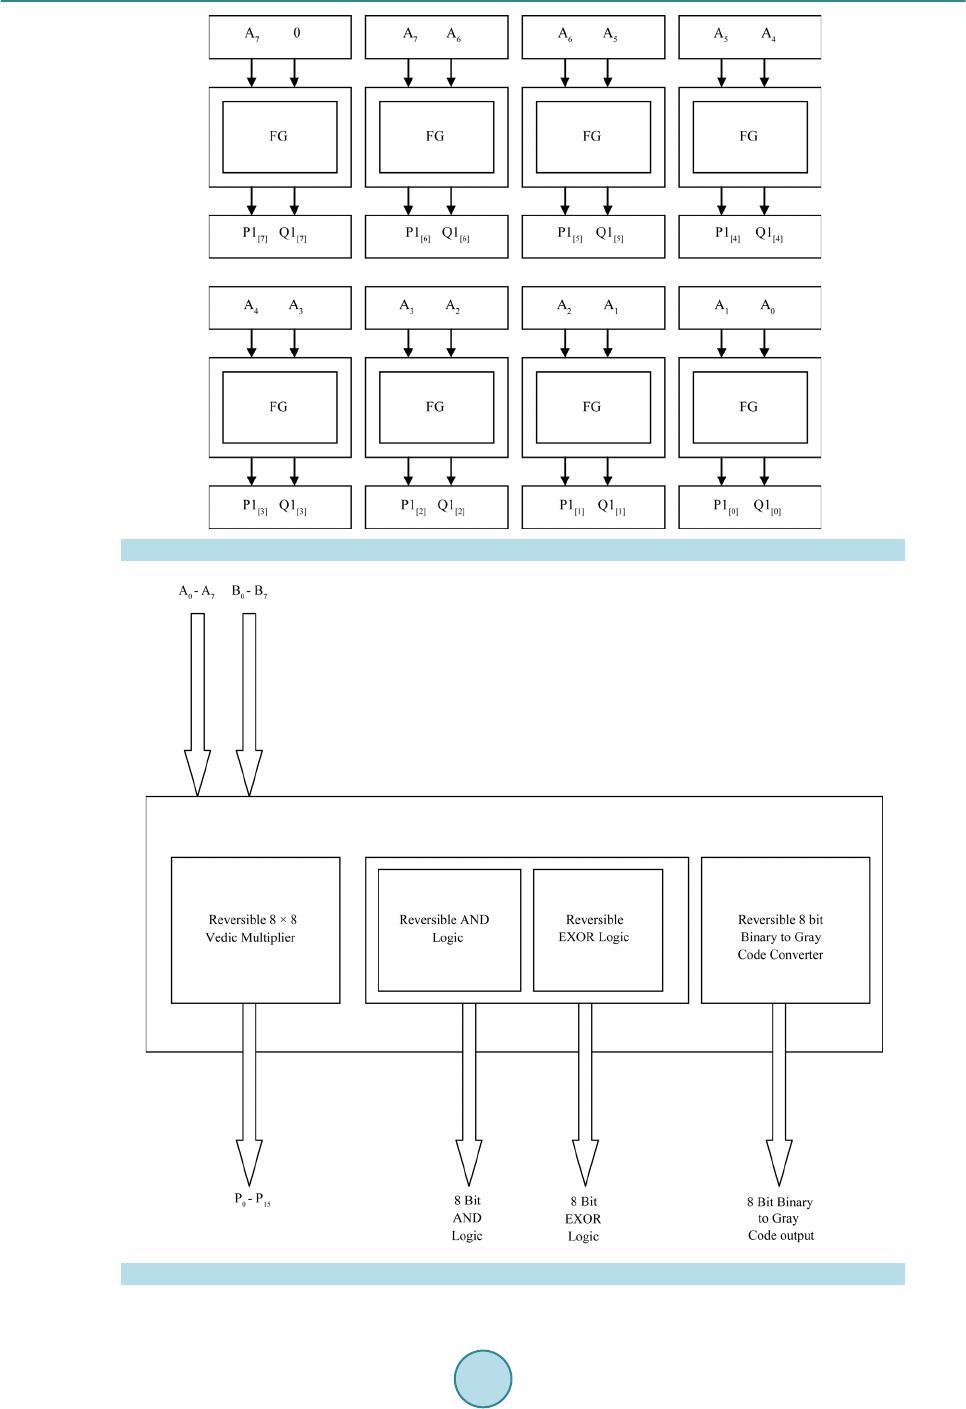 Circuit Diagram Of 8 Bit Alu Wiring Library Logic Simple Cpu S Saravanan Et Al